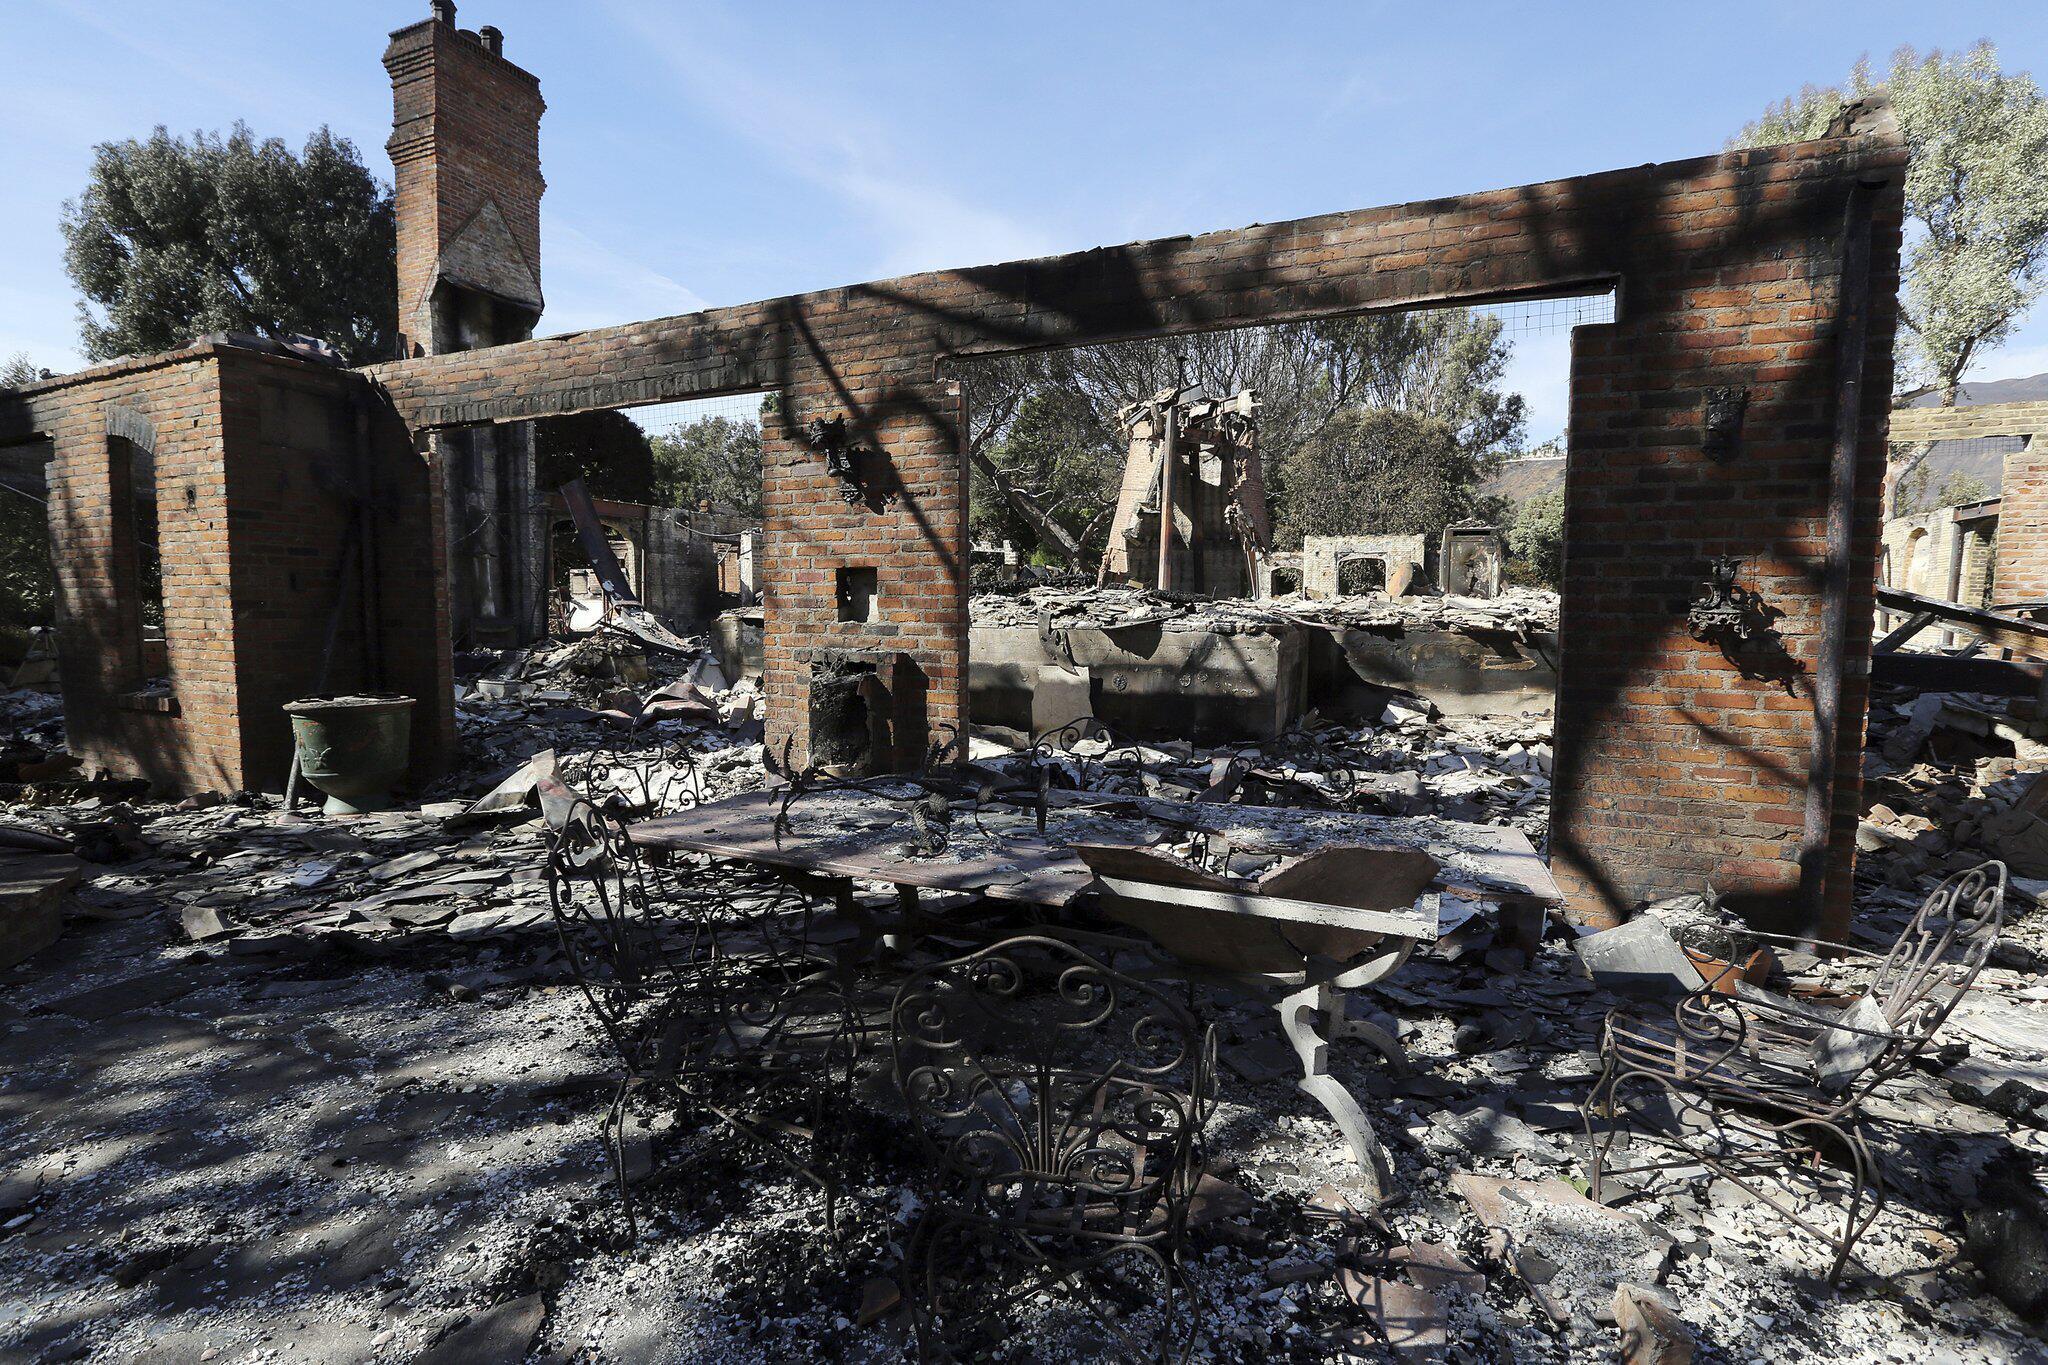 Bild zu Thomas Gottschalk, Feuer, Villa, Kalifornien